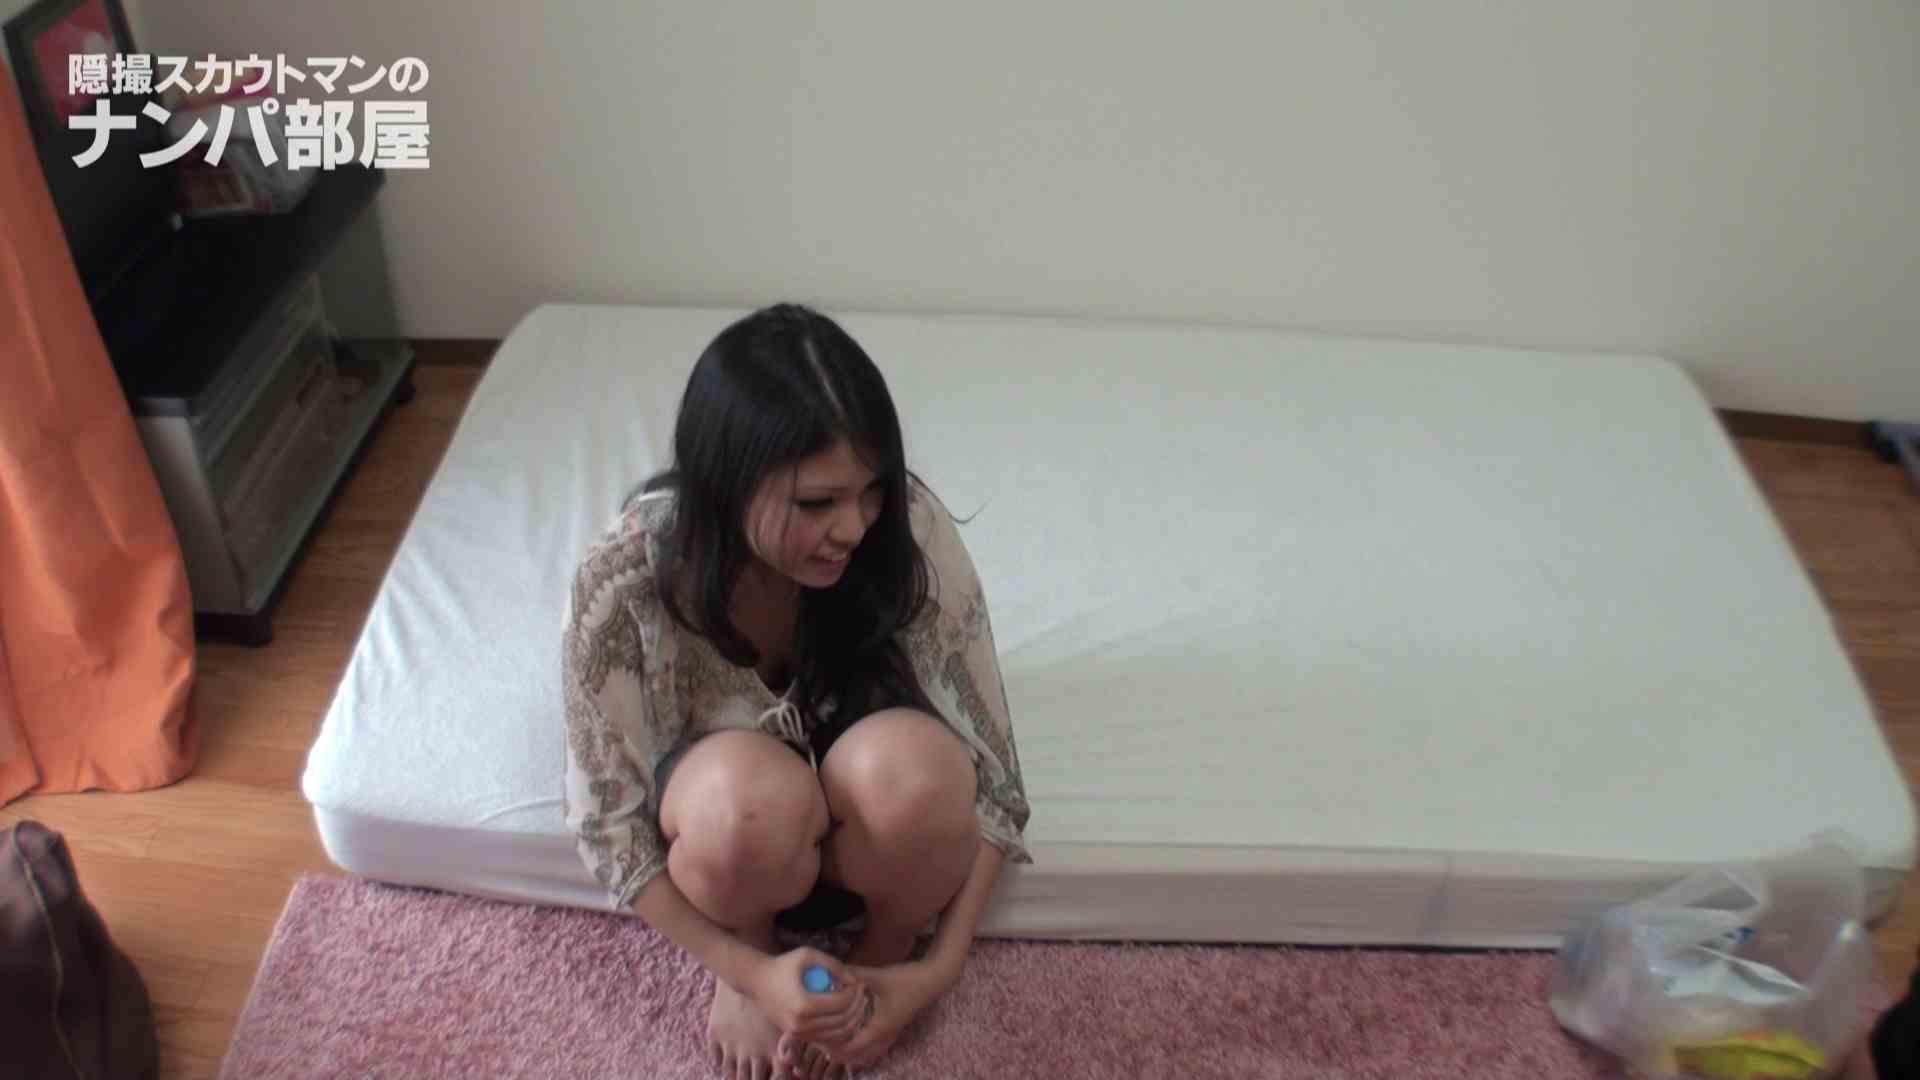 隠撮スカウトマンのナンパ部屋~風俗デビュー前のつまみ食い~hana 隠撮  105PIX 12